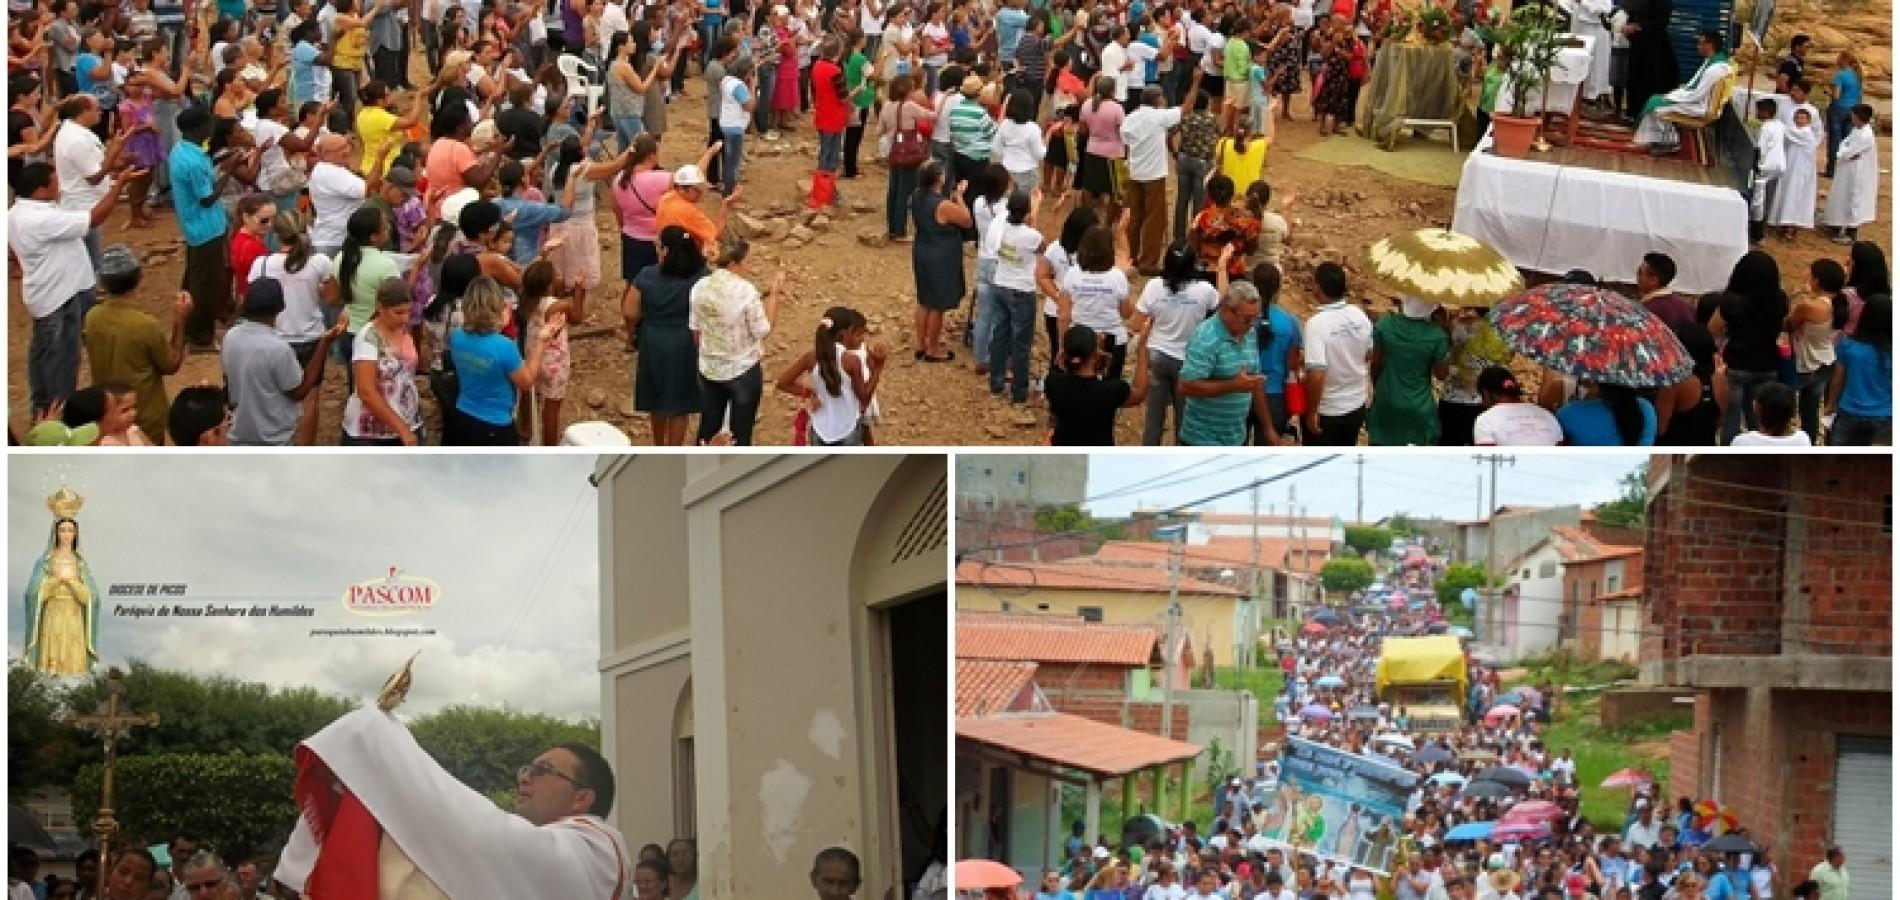 PAULISTANA: Multidão participa de missa e caminhada em agradecimento pelas chuvas. Fotos!